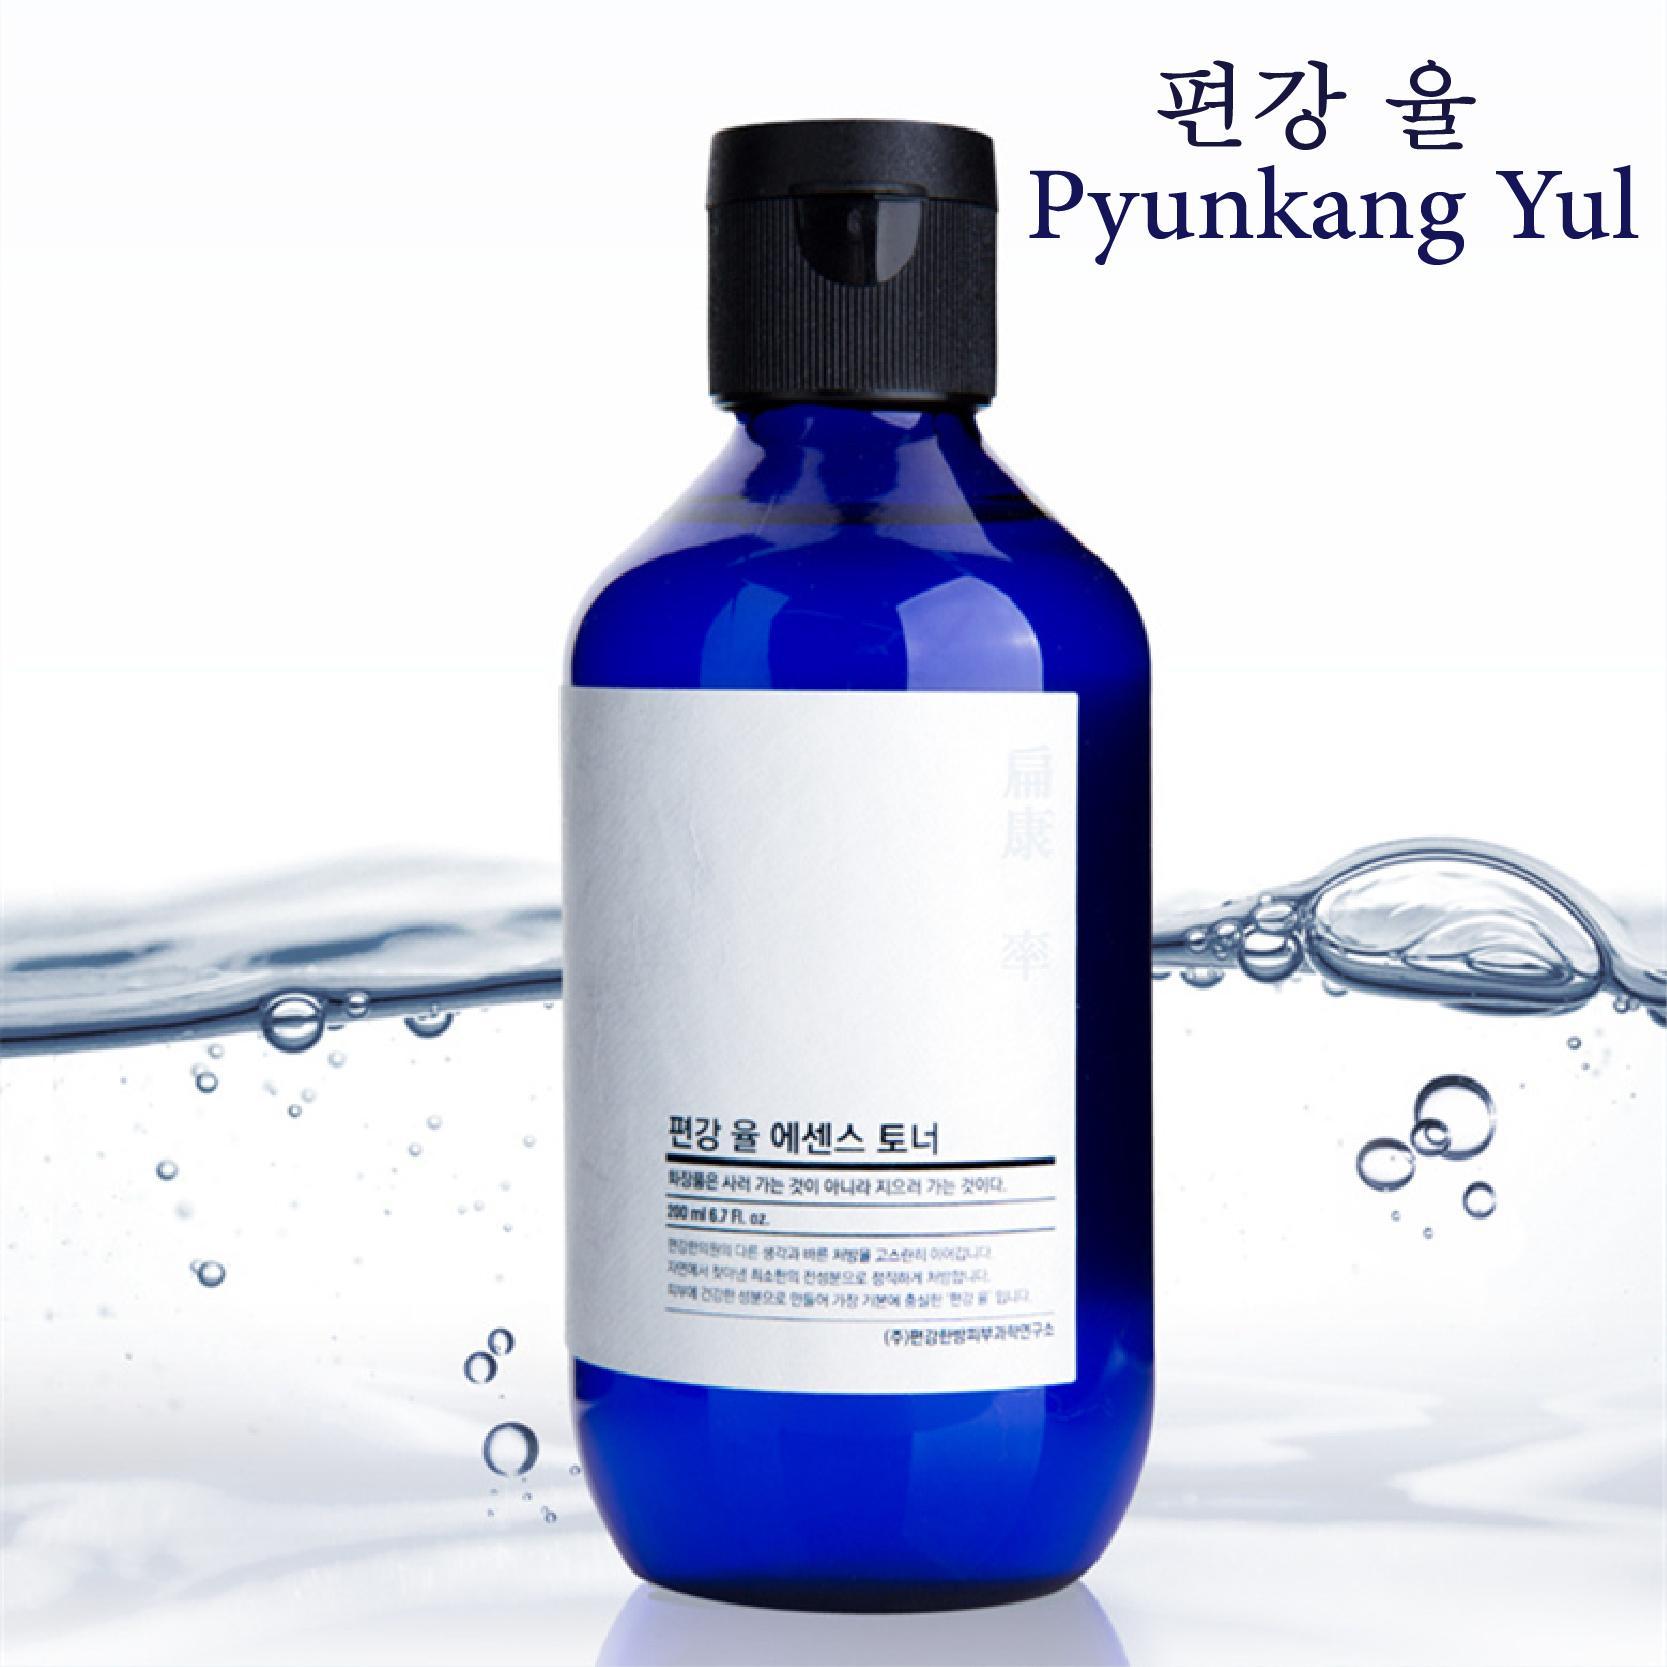 Price Pyunkang Yul Essence Toner 200Ml Pyunkang Yul